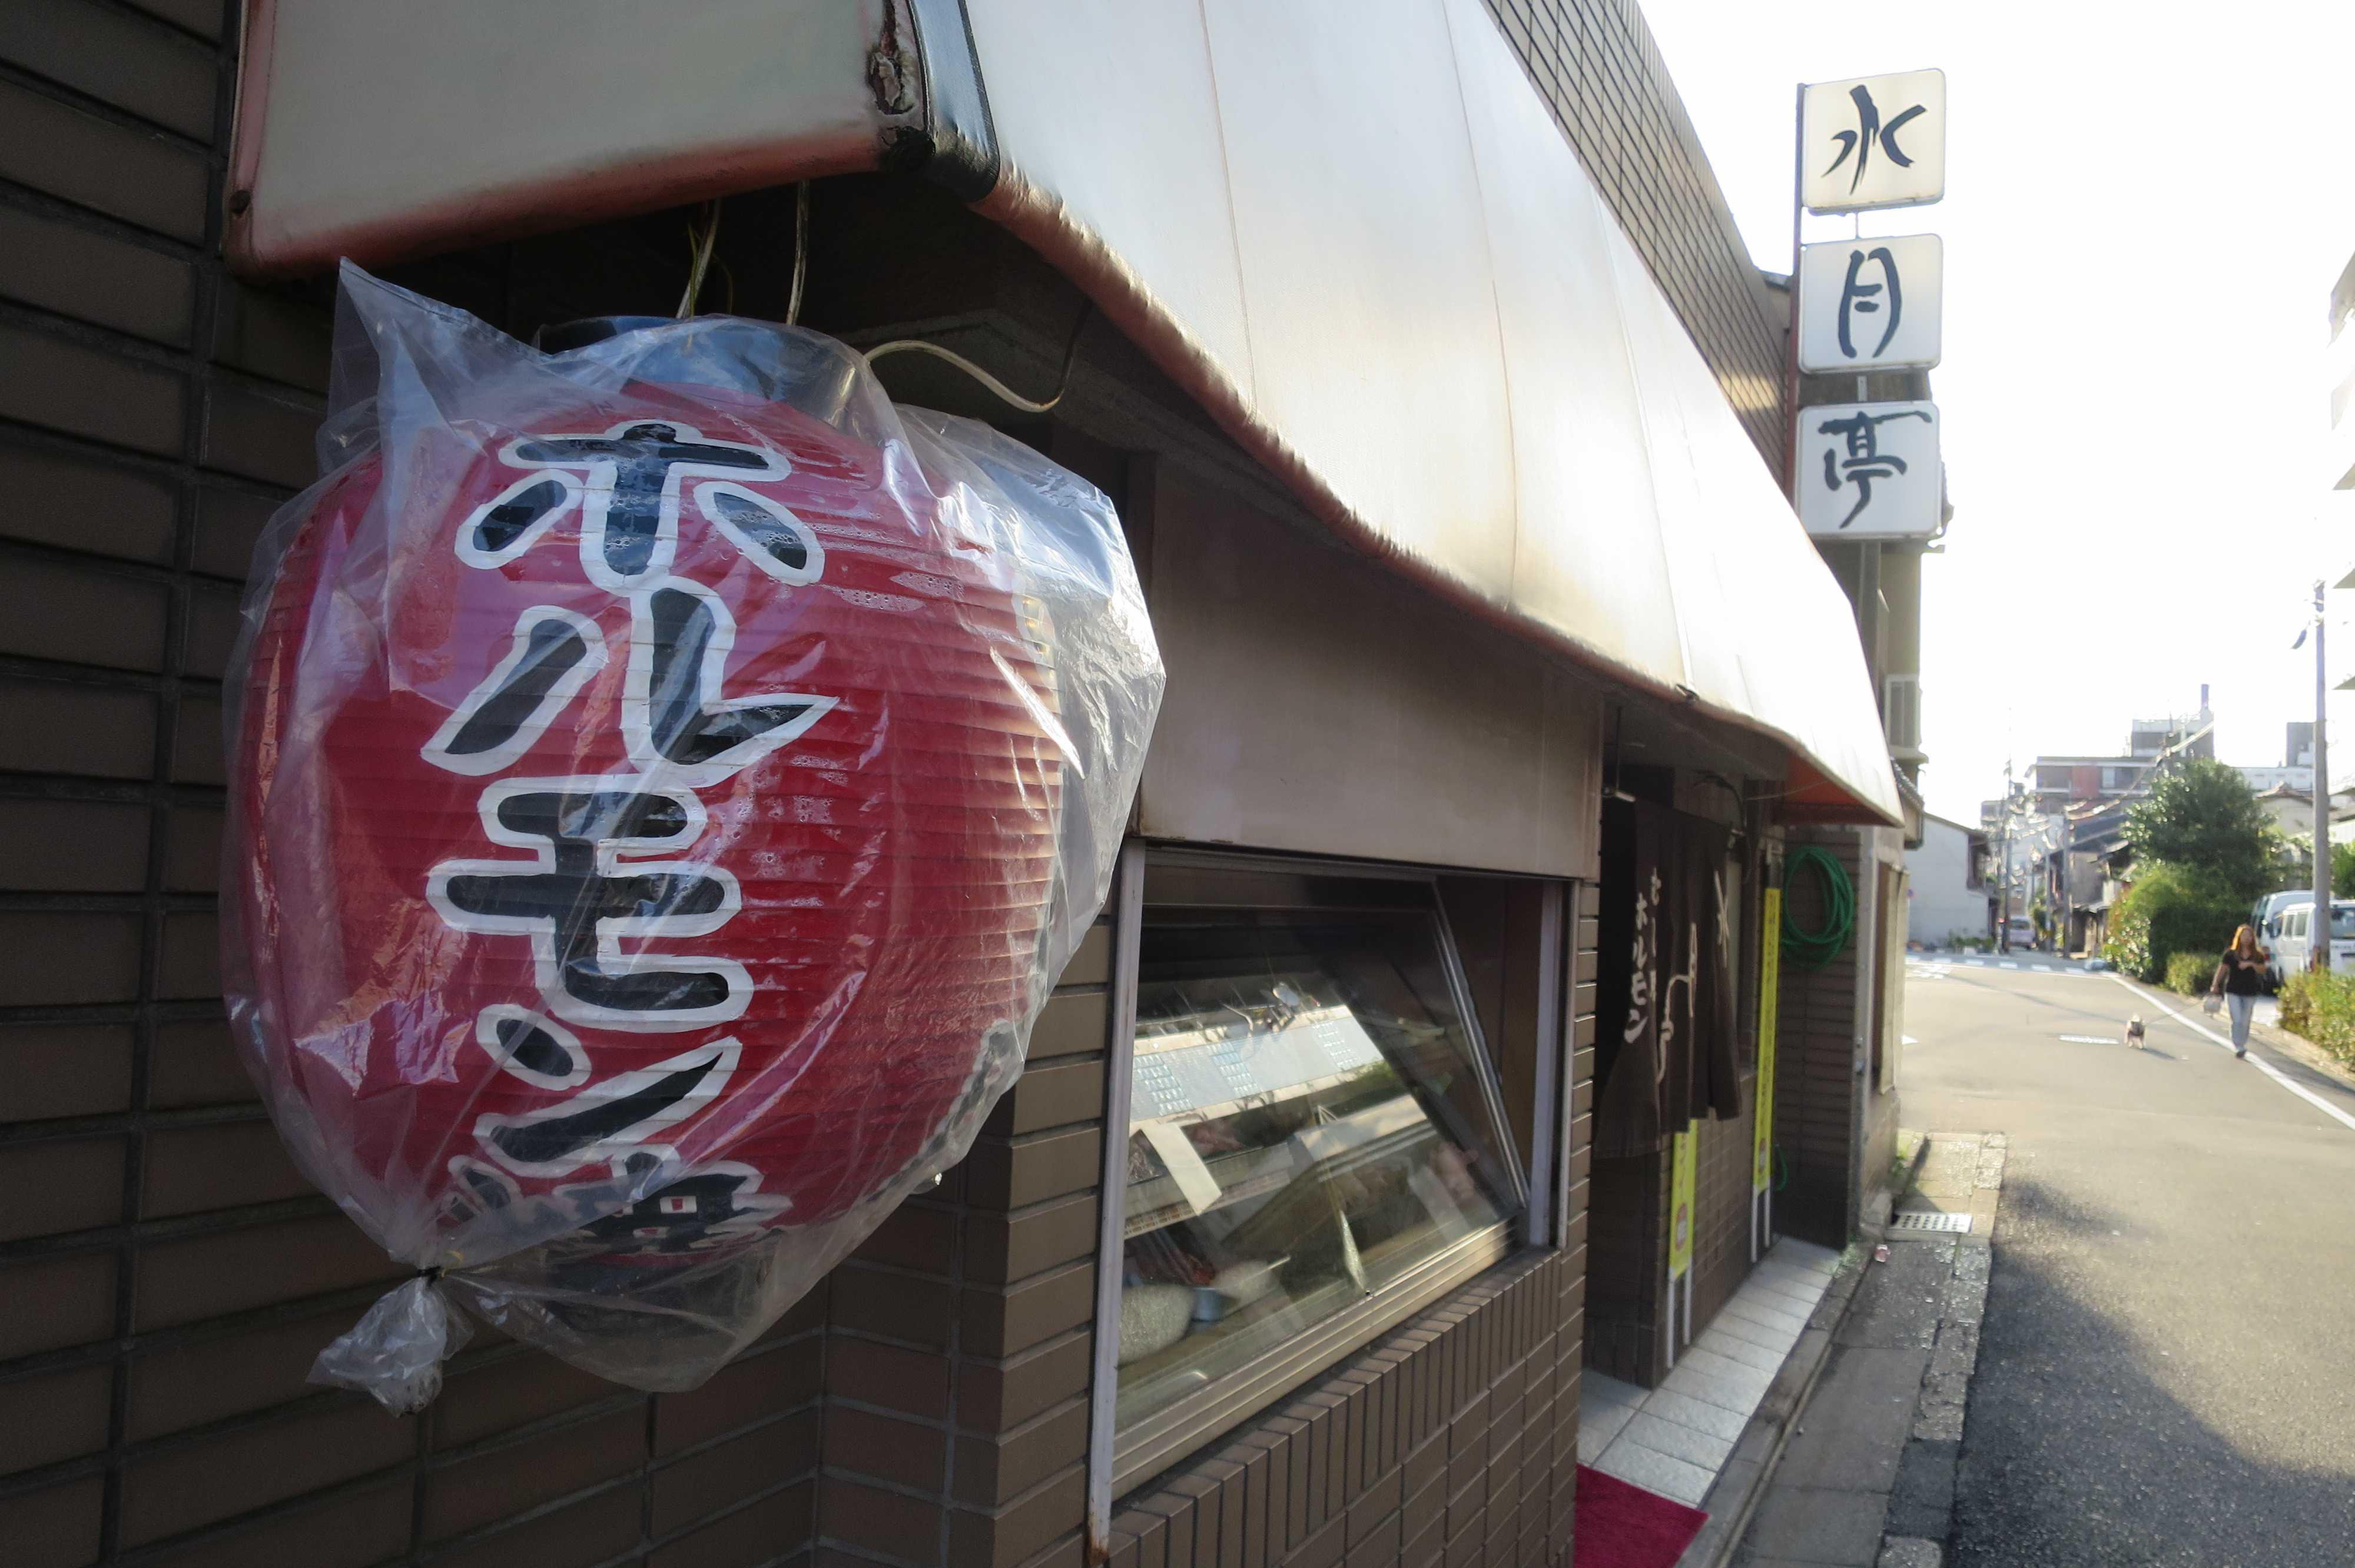 京都・山王地区 - 水月亭 豚ホルモン焼の専門店